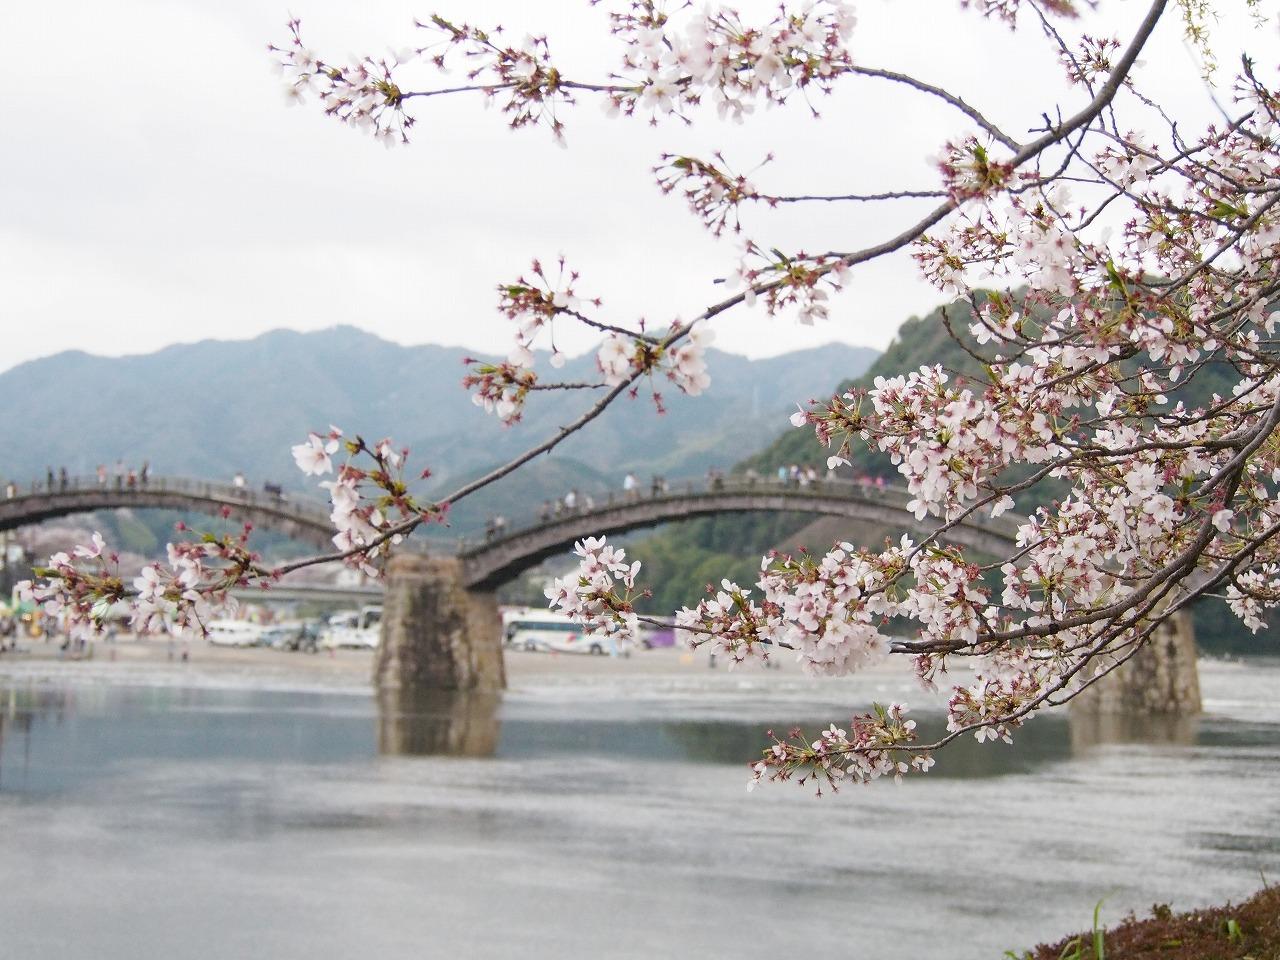 Kintaikyo_20150405-01.jpg